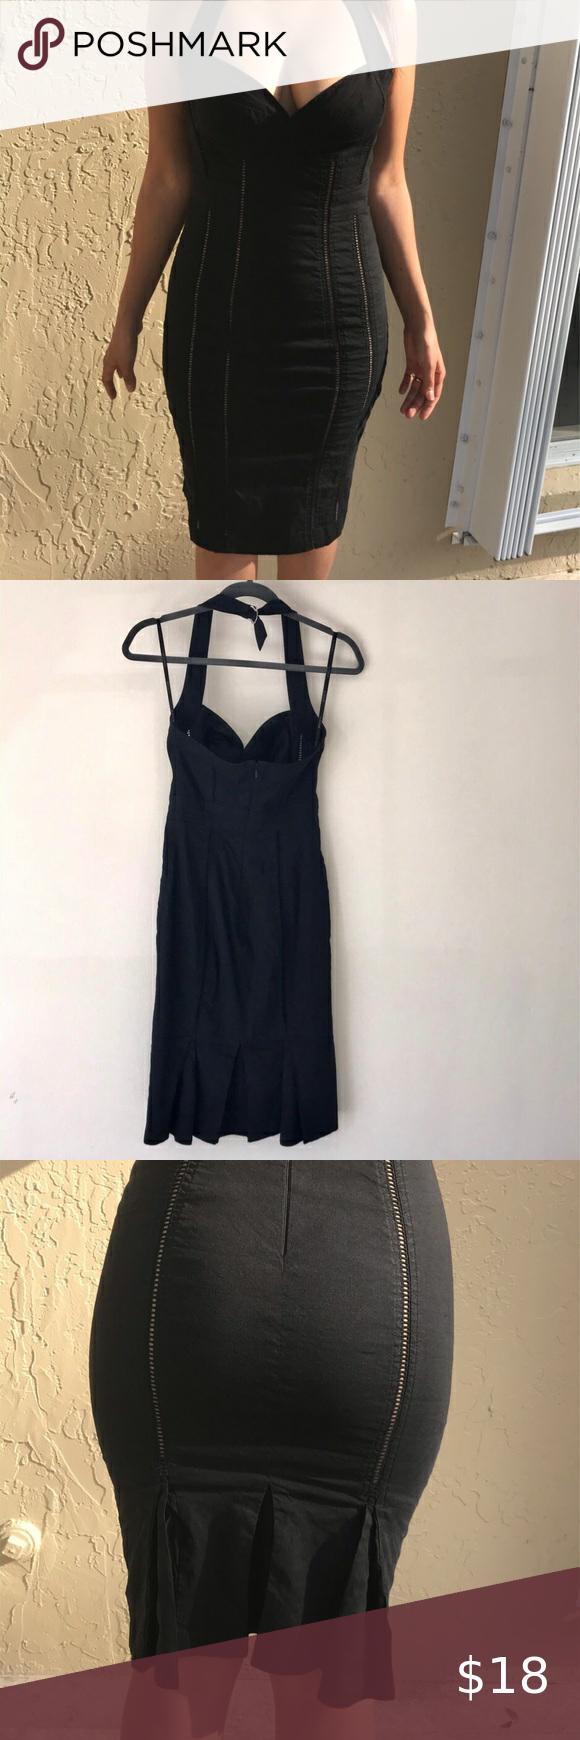 SOLD BEBE Black  dress